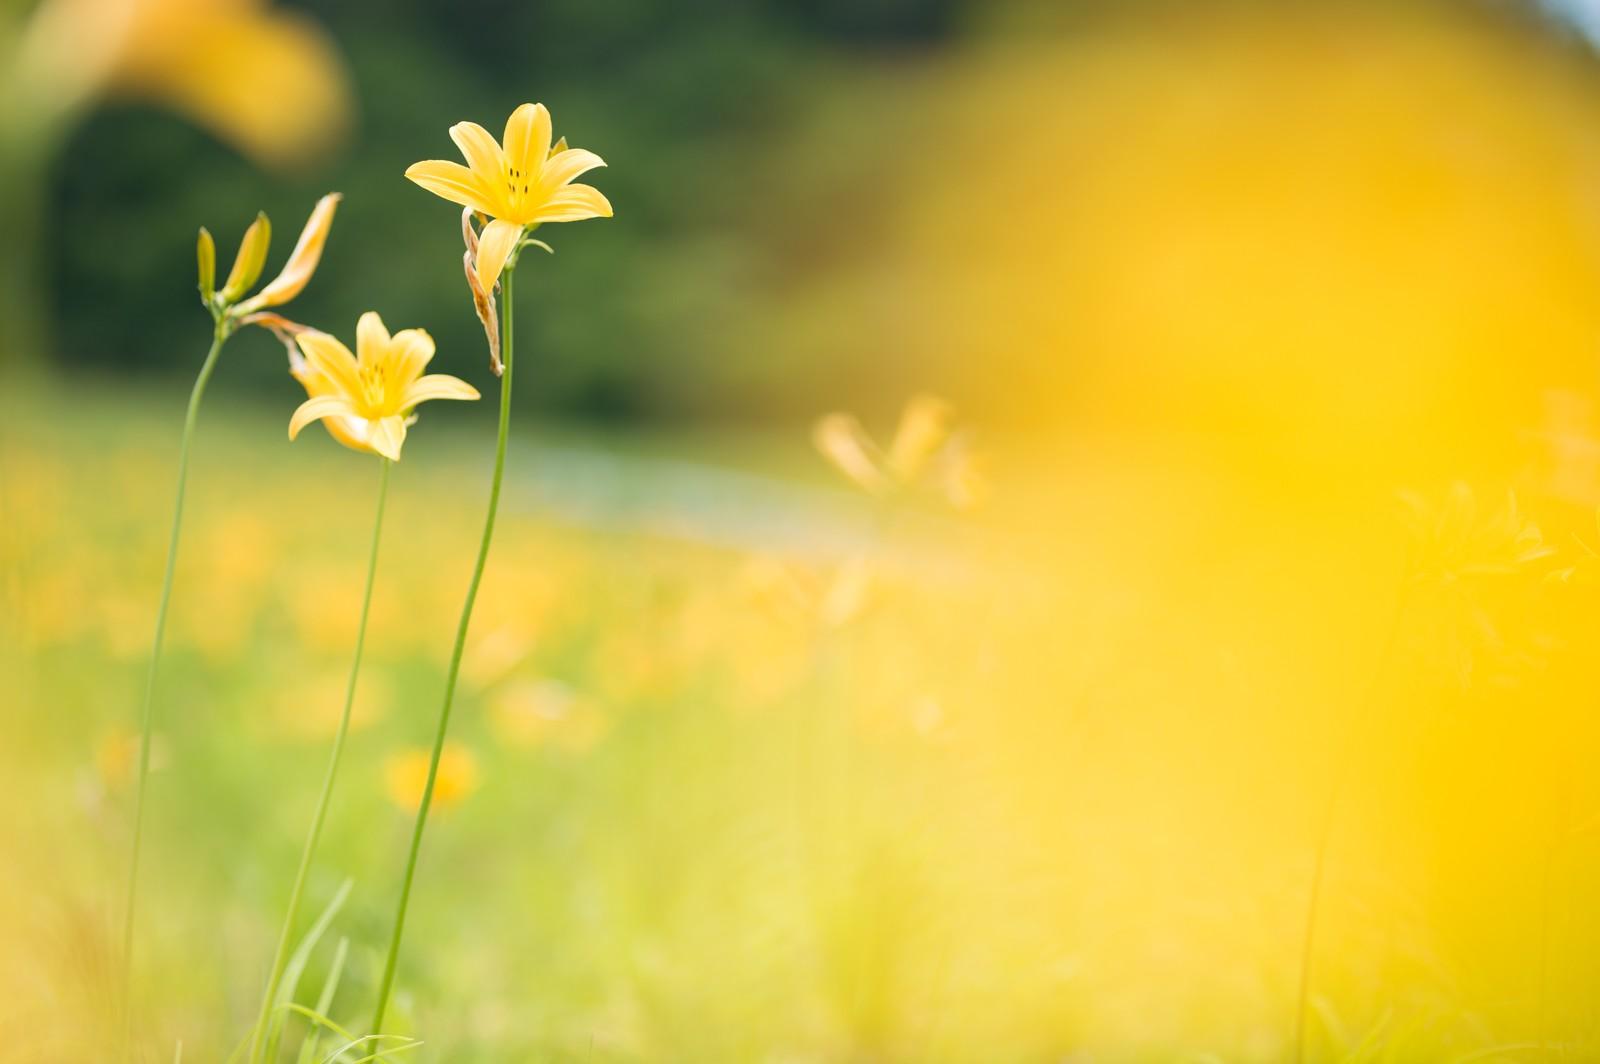 館山ファミリーパークで花摘みや釣りなどを体験!料金やアクセス方法もご紹介!